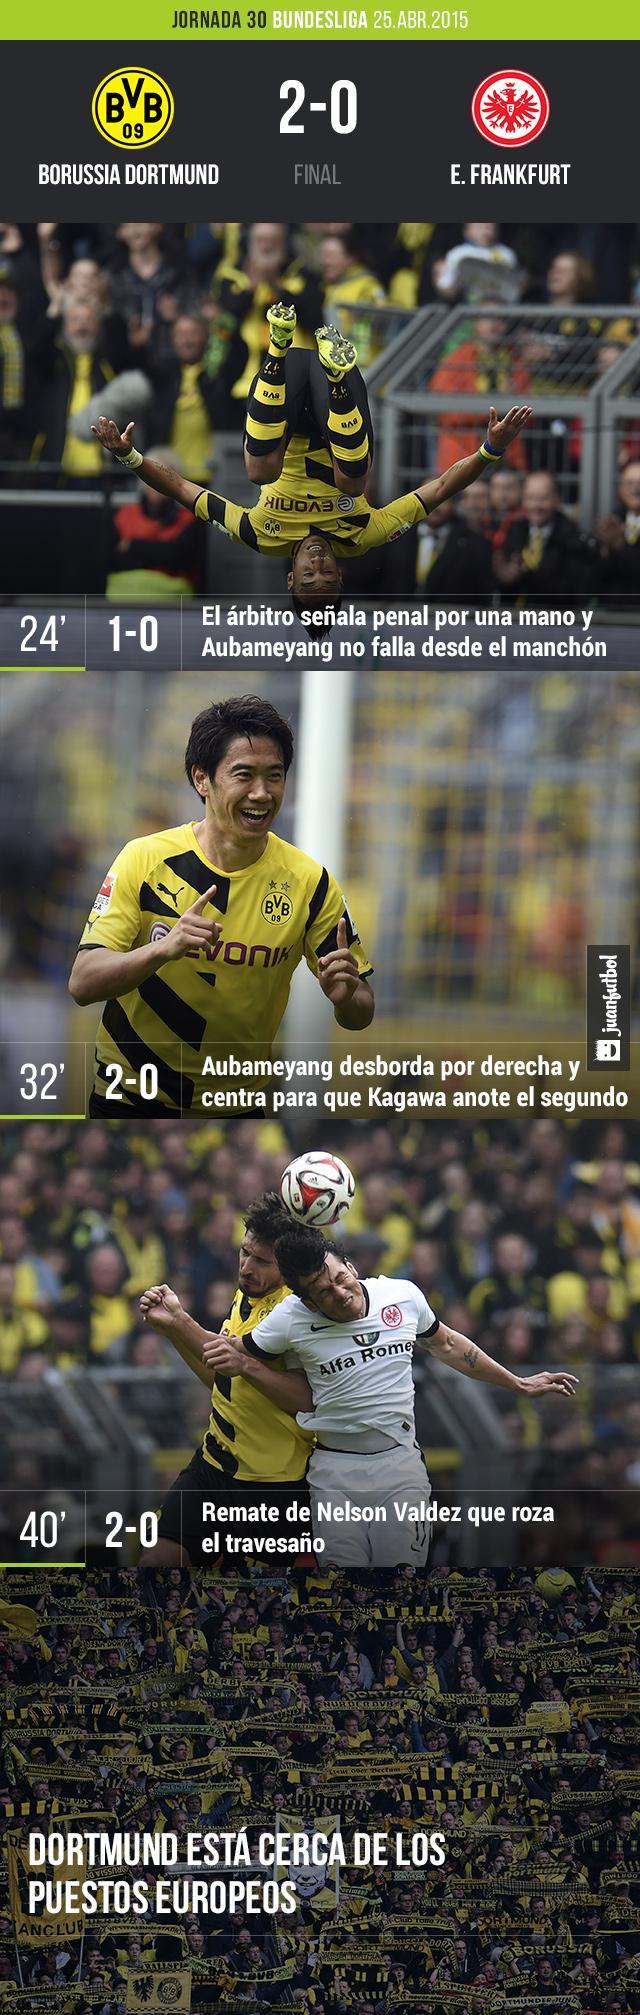 Dortmund entra en la pelea por los puestos europeos tras ganar en casa frente al Eintracht Frankfurt por dos a cero con goles de Aubameyang y Kagawa.